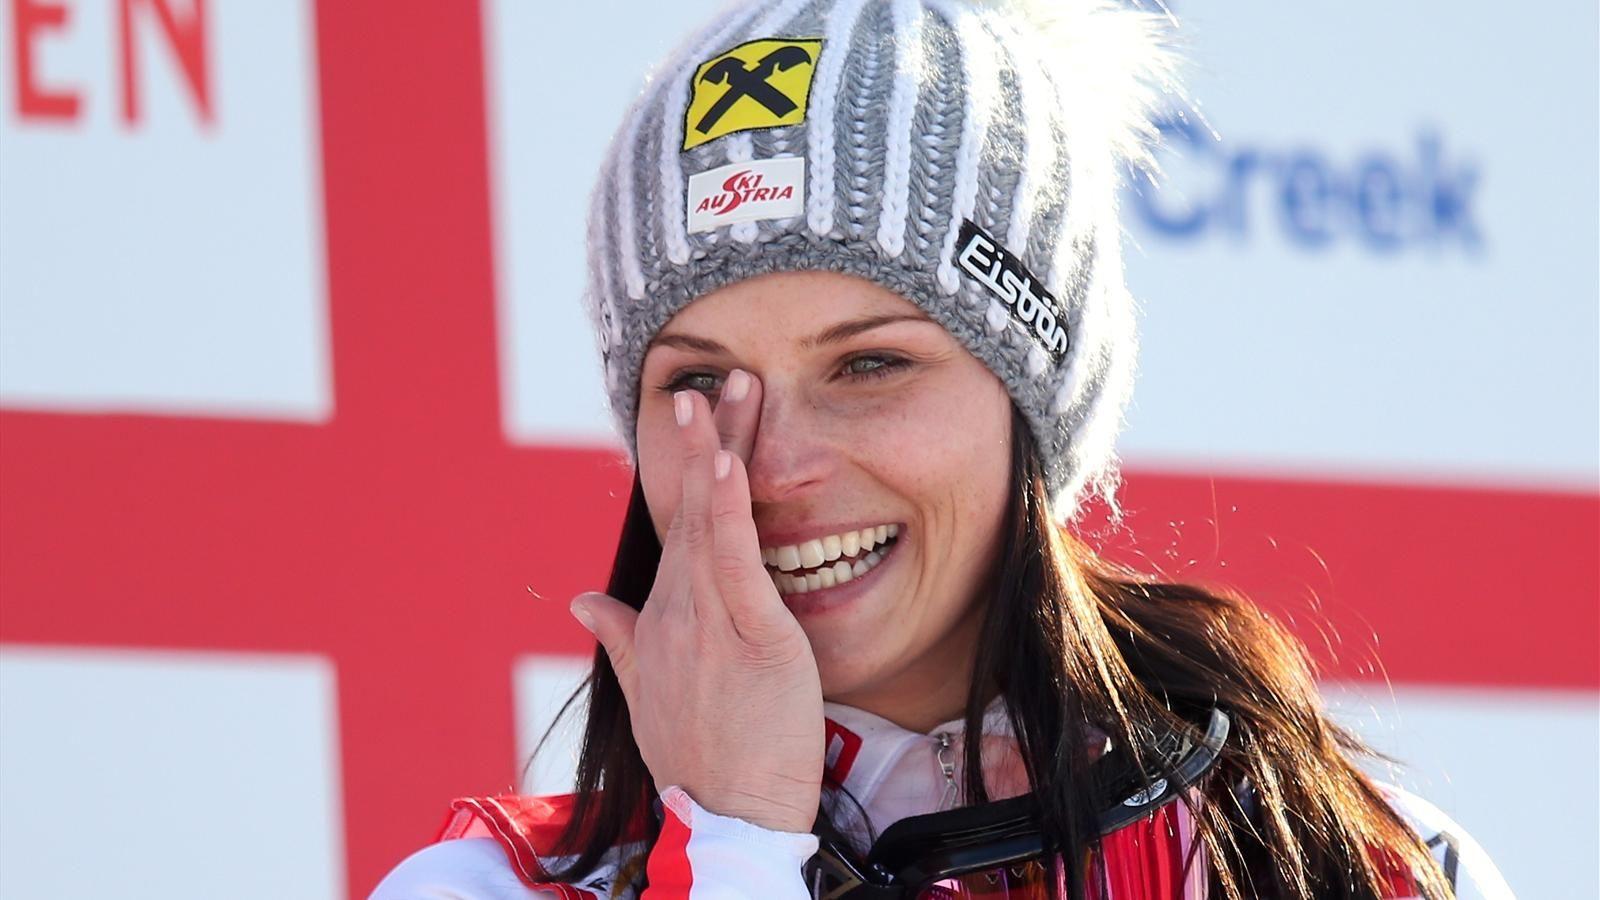 Le topic du ski et des sports d'hiver V3 - Page 61 1416661-30329938-1600-900